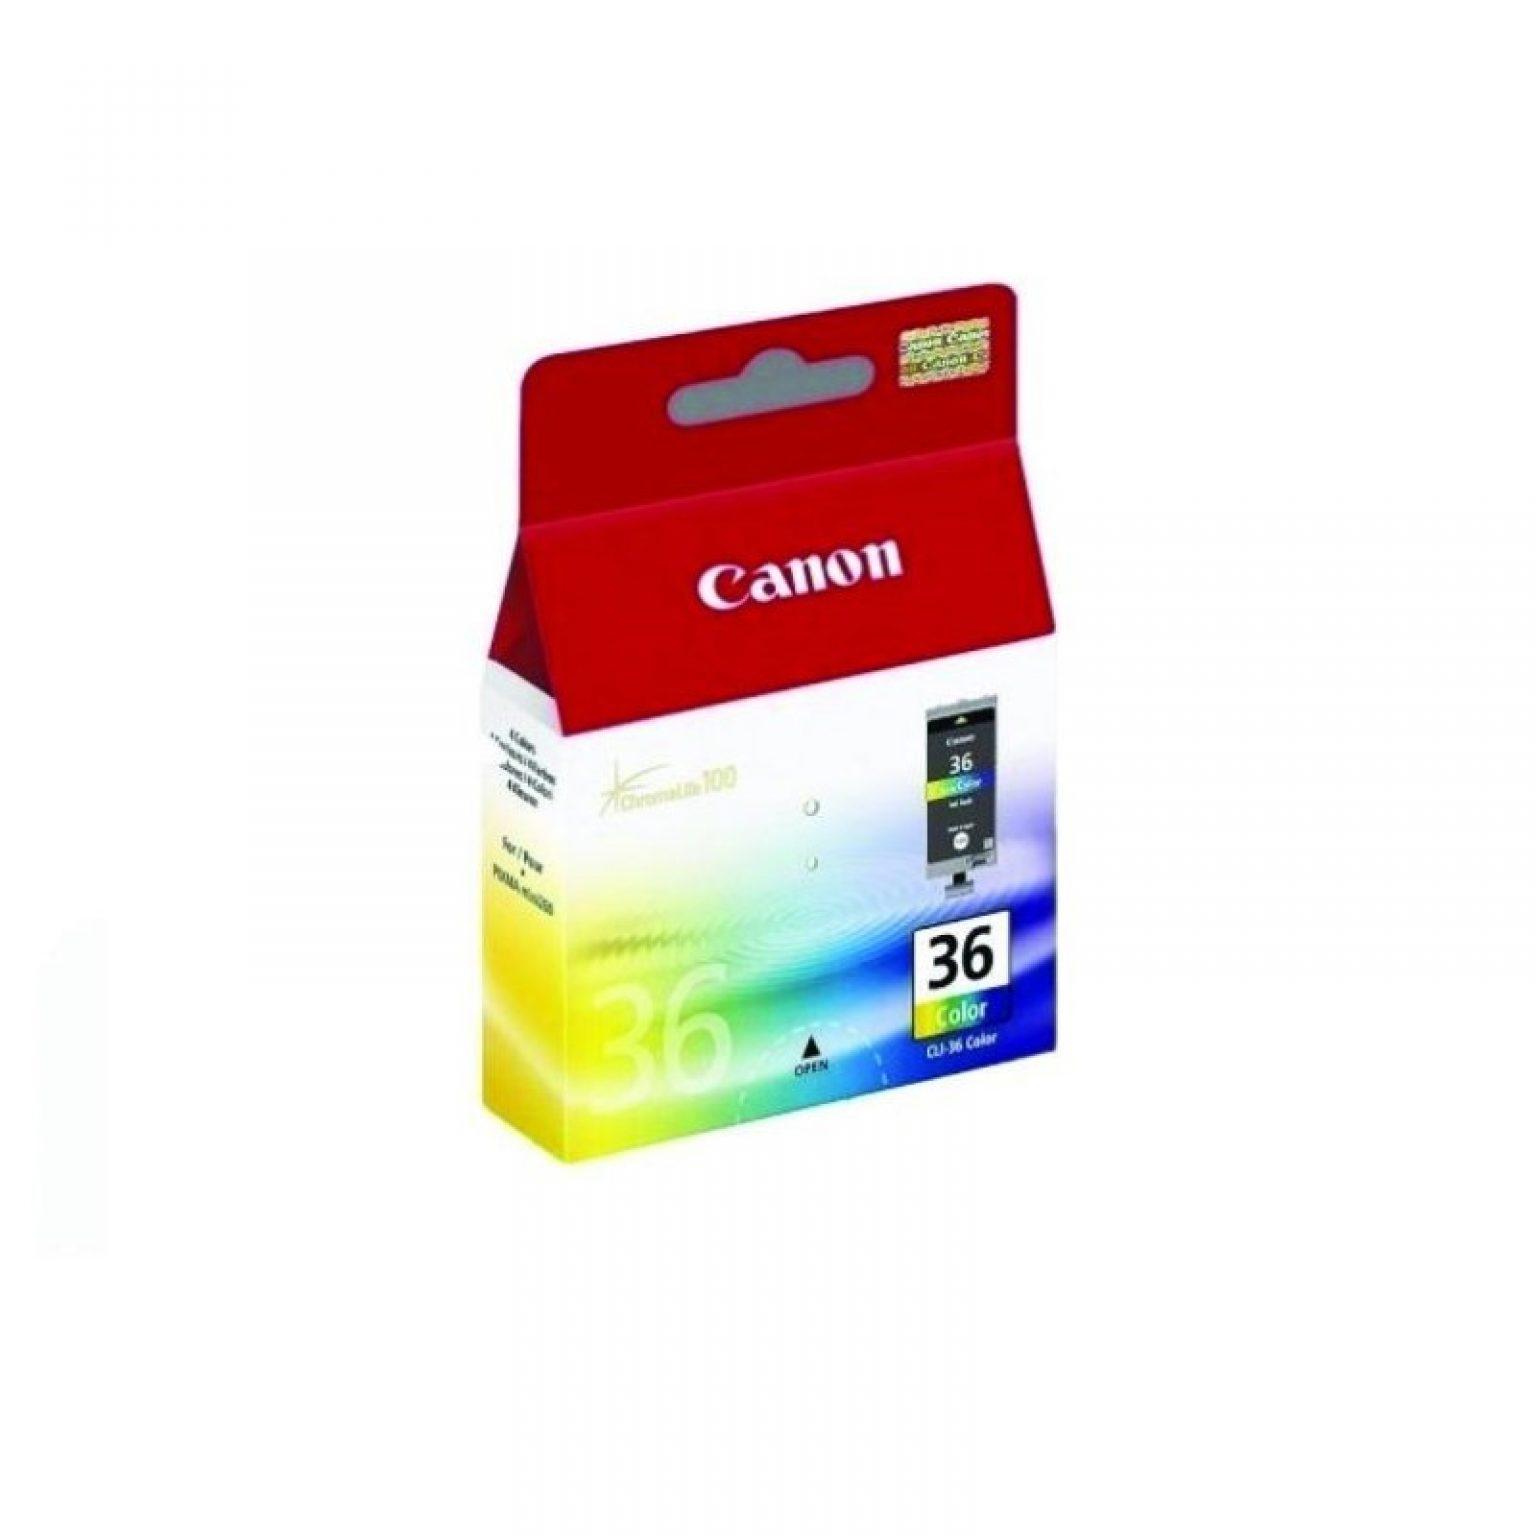 CANON - Ink Cartridge CLI-36 Colour [CLI-36 CLR]